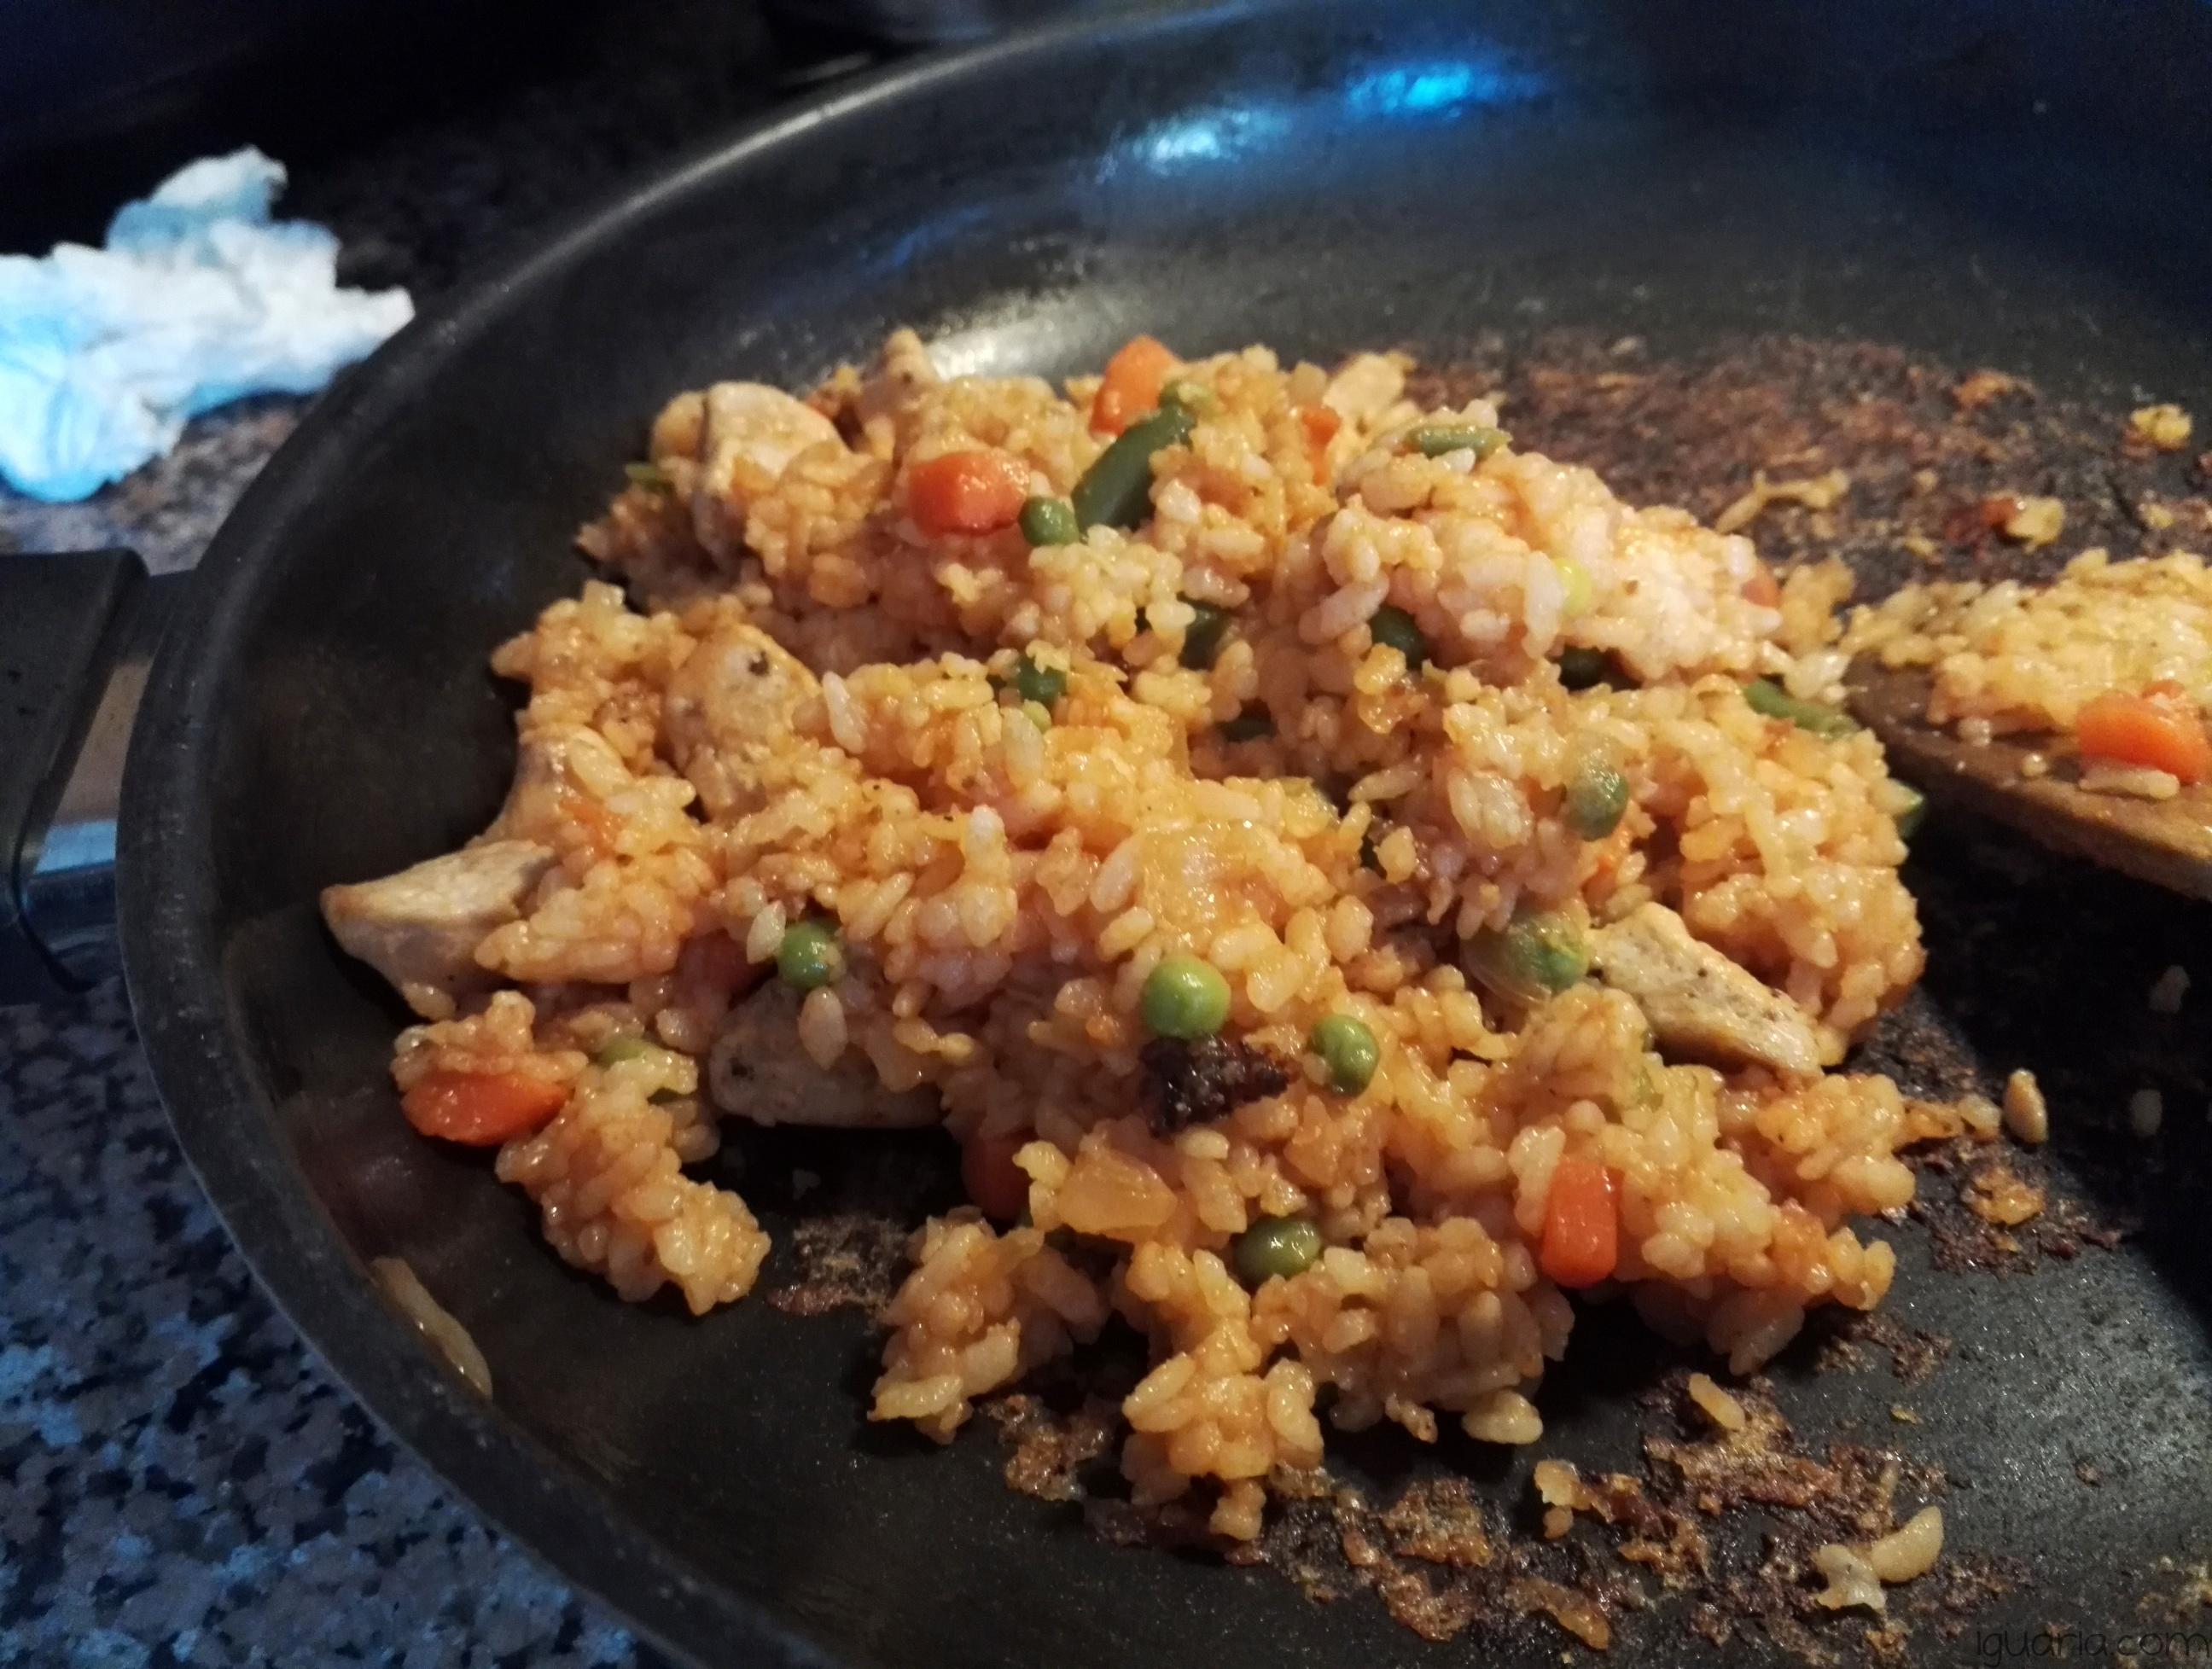 iguaria-fritar-arroz-com-frango